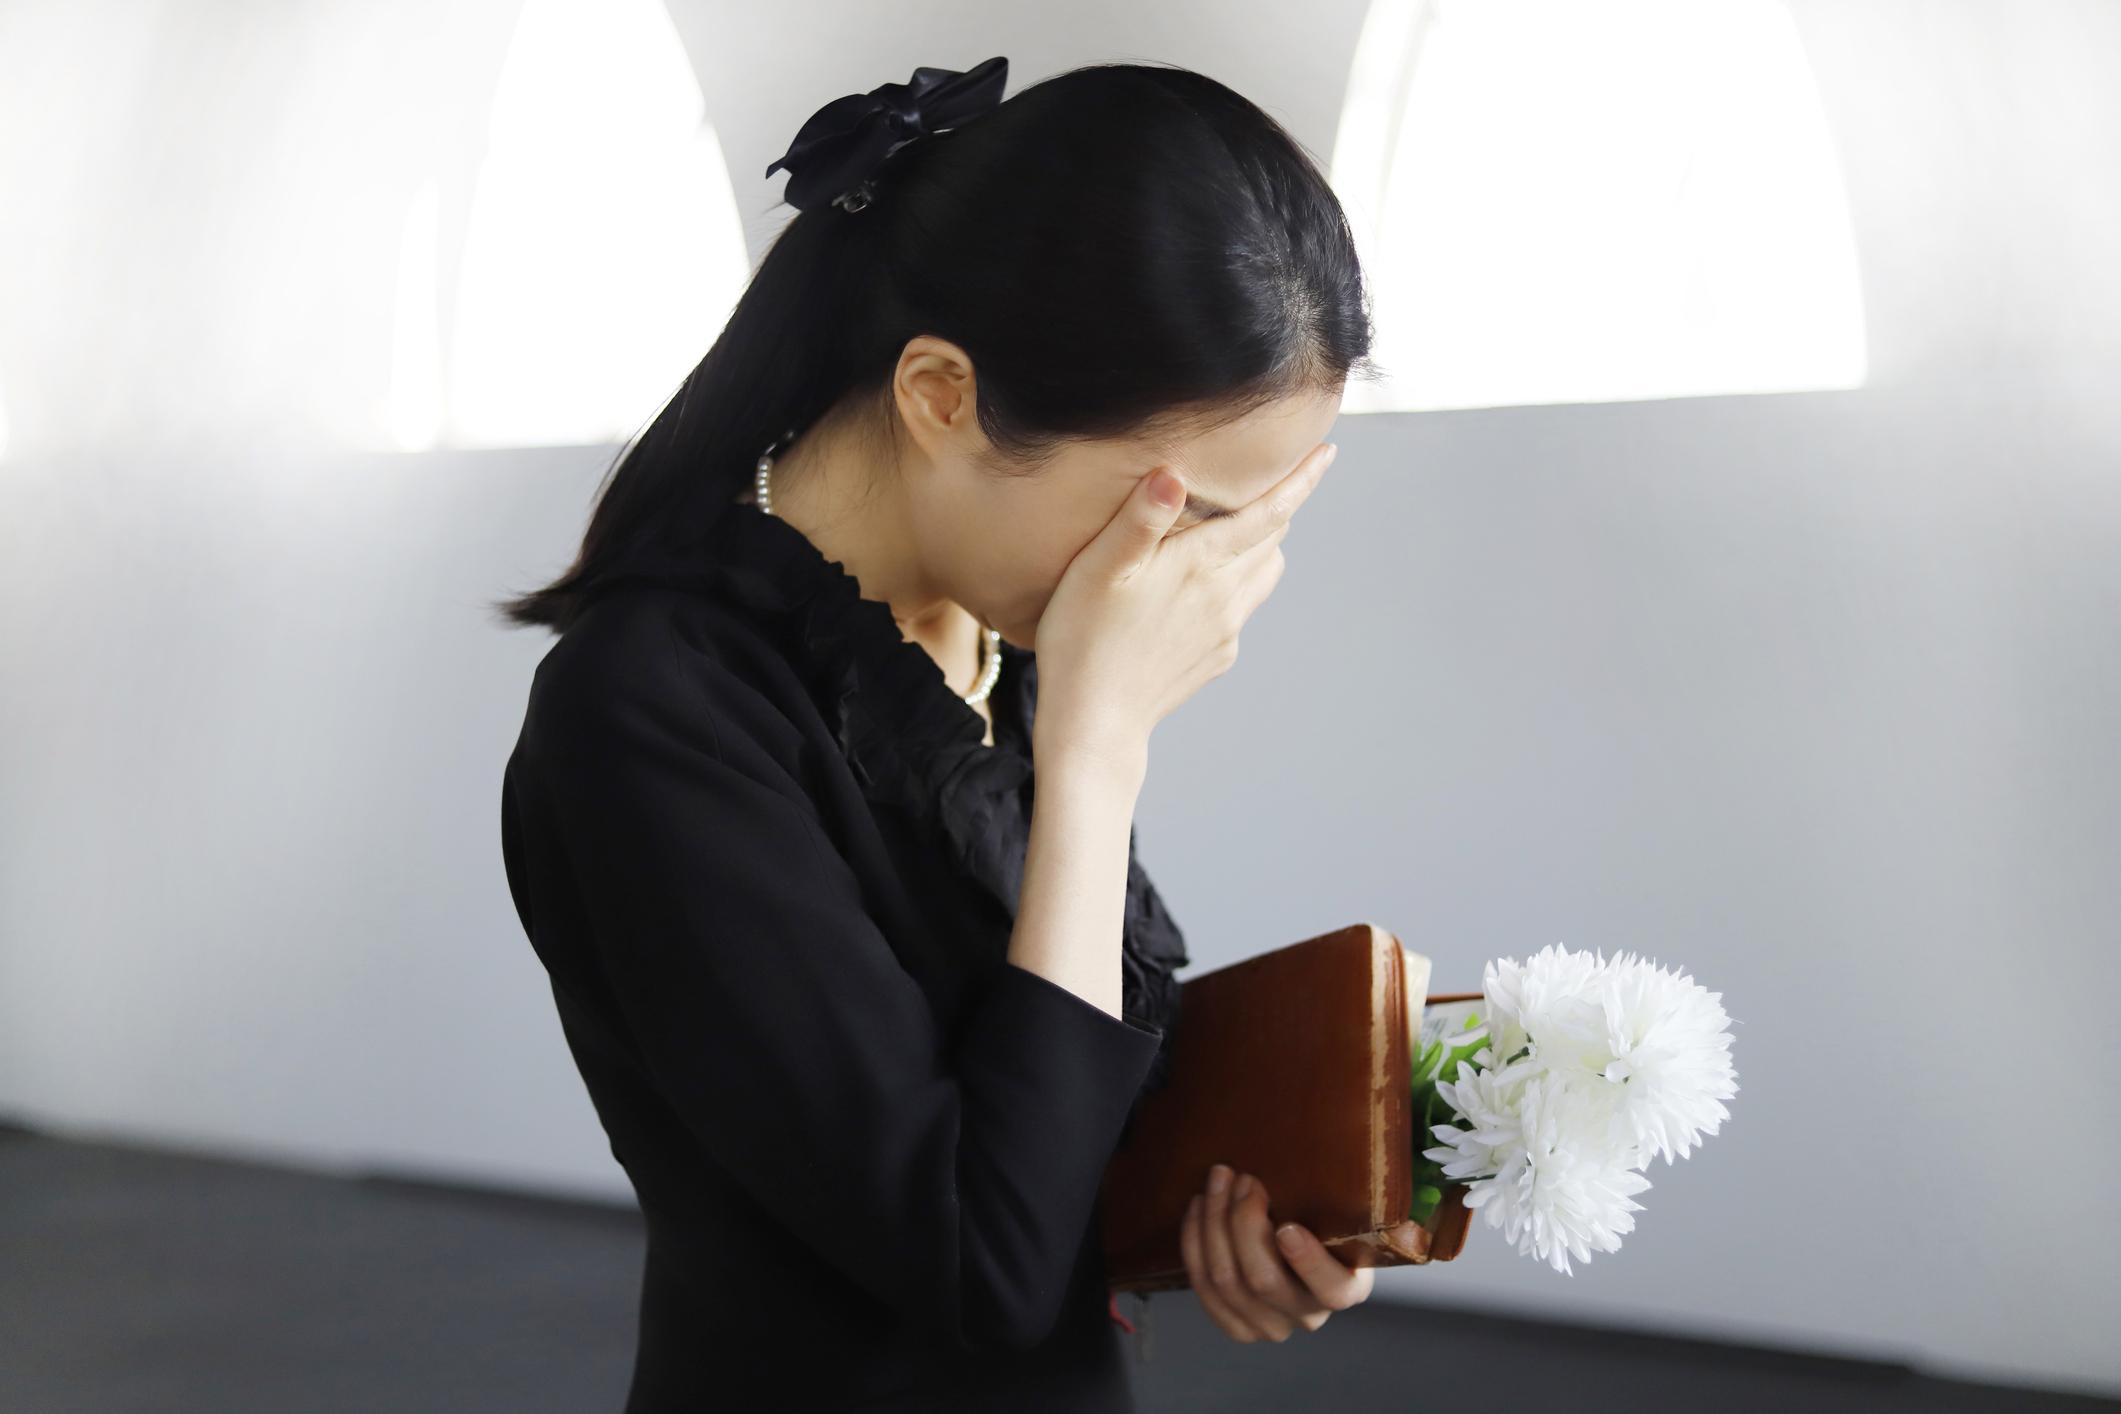 Faire face à la mort lors des funérailles